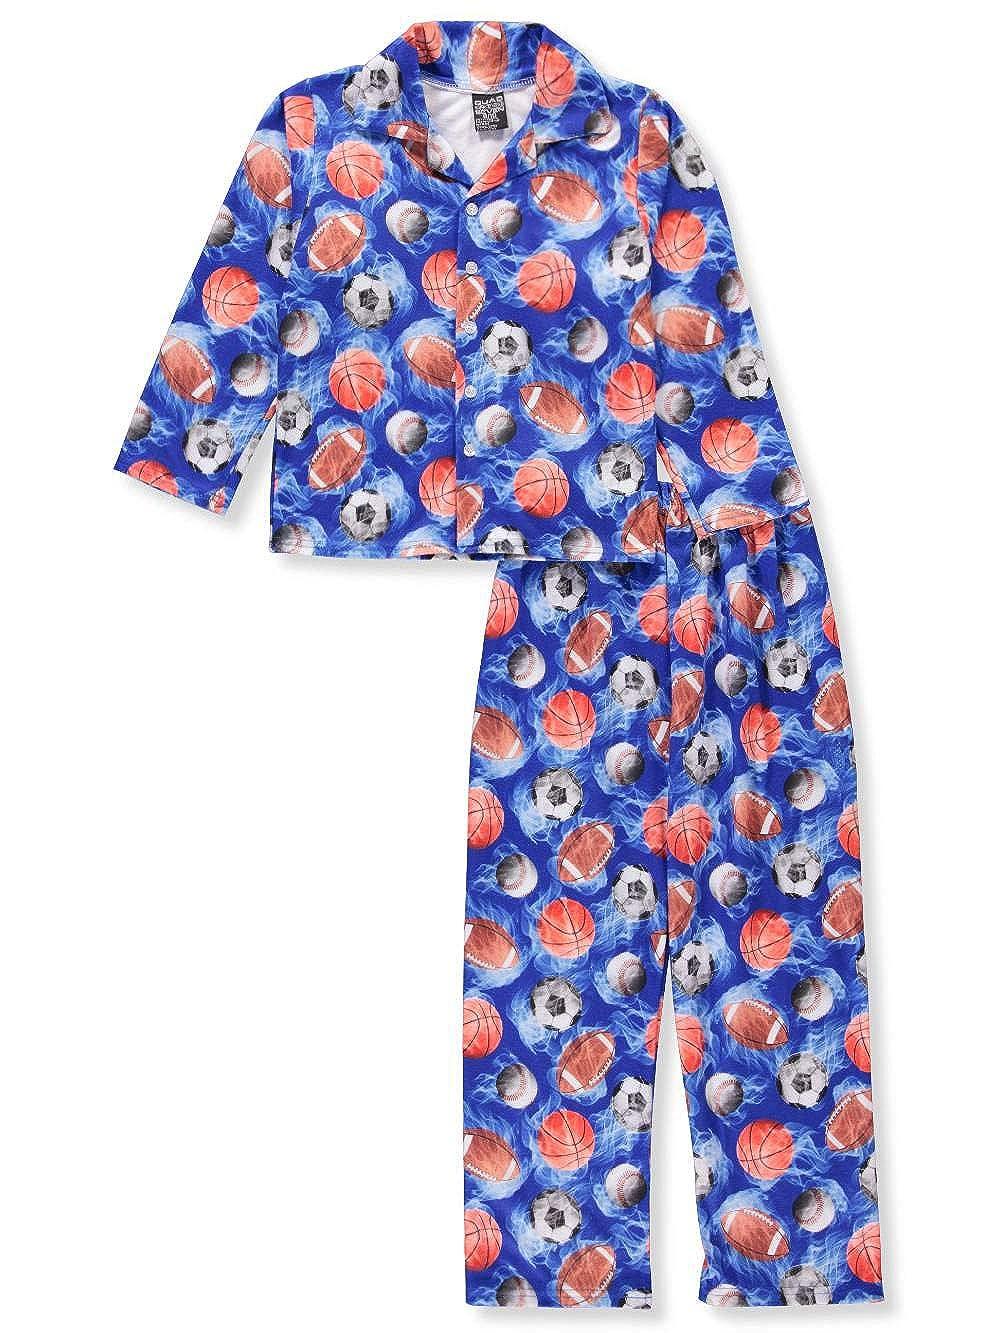 Quad Seven Boys 2-Piece Pajamas